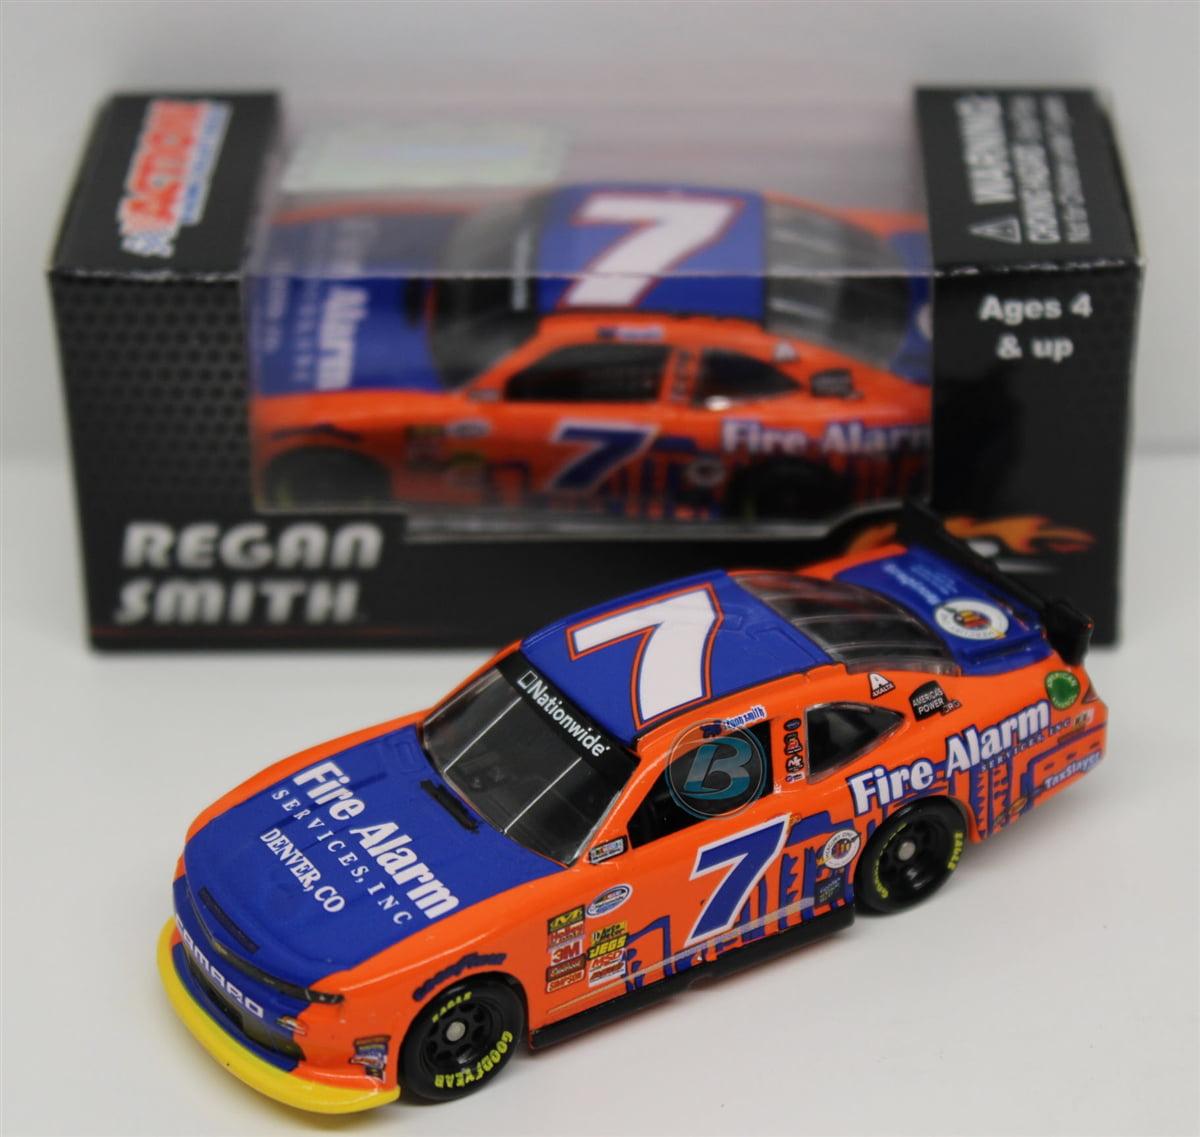 Regan Smith 2014 Fire Alarm Service Denver 1:64 Nascar Diecast by Lionel Racing